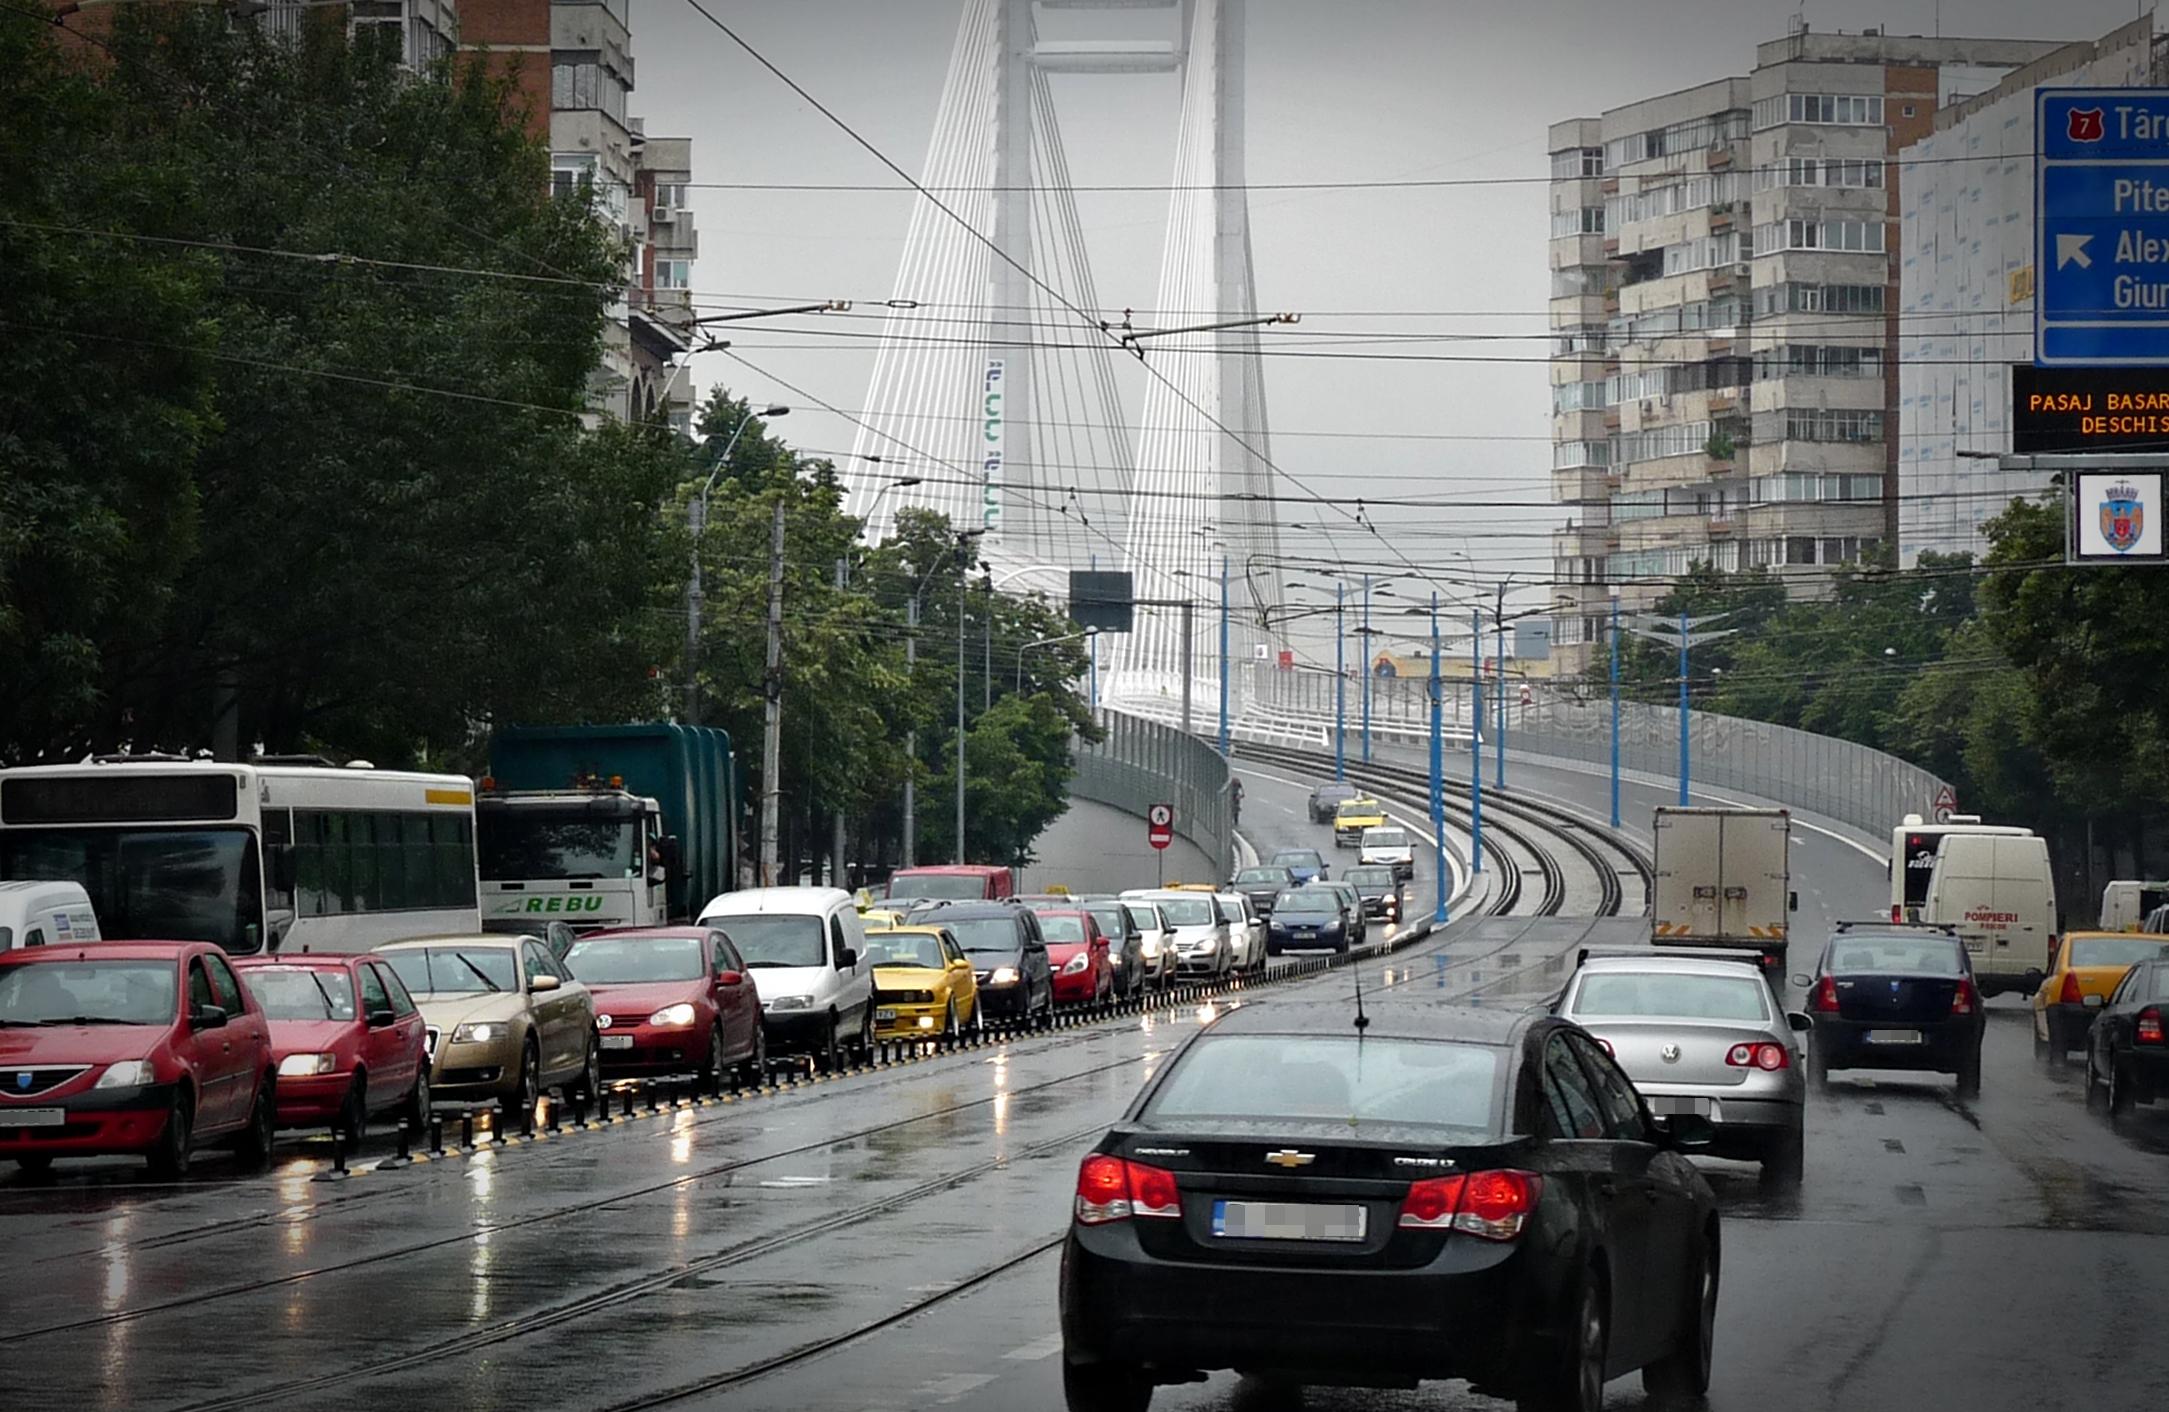 image-2011-07-4-9267524-0-coada-titulescu-coborarea-pasaj